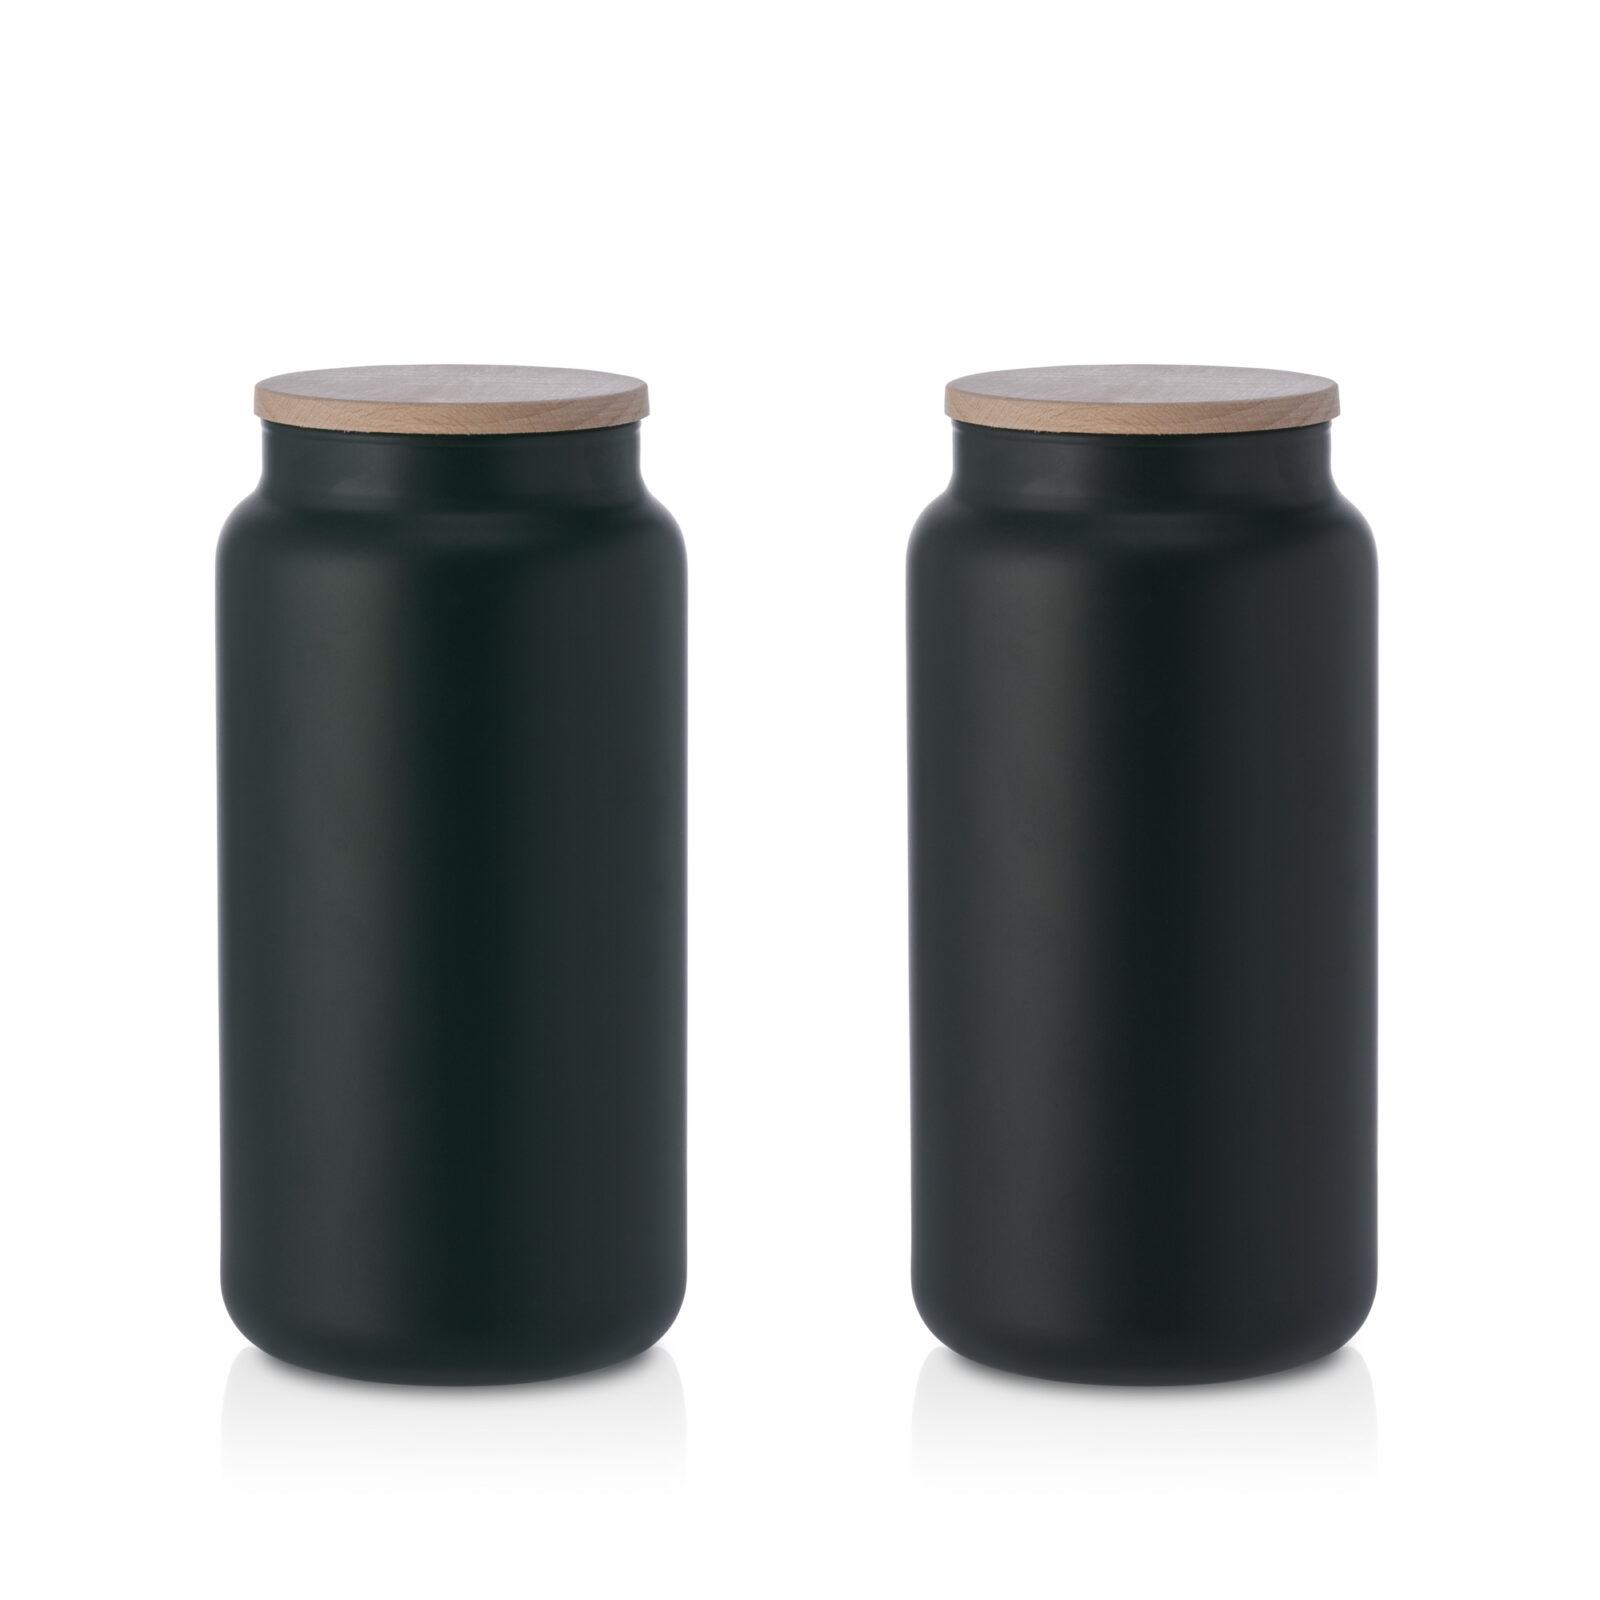 Pojemnik szklany na żywność czarny z pokrywką kpl 2 1,1L